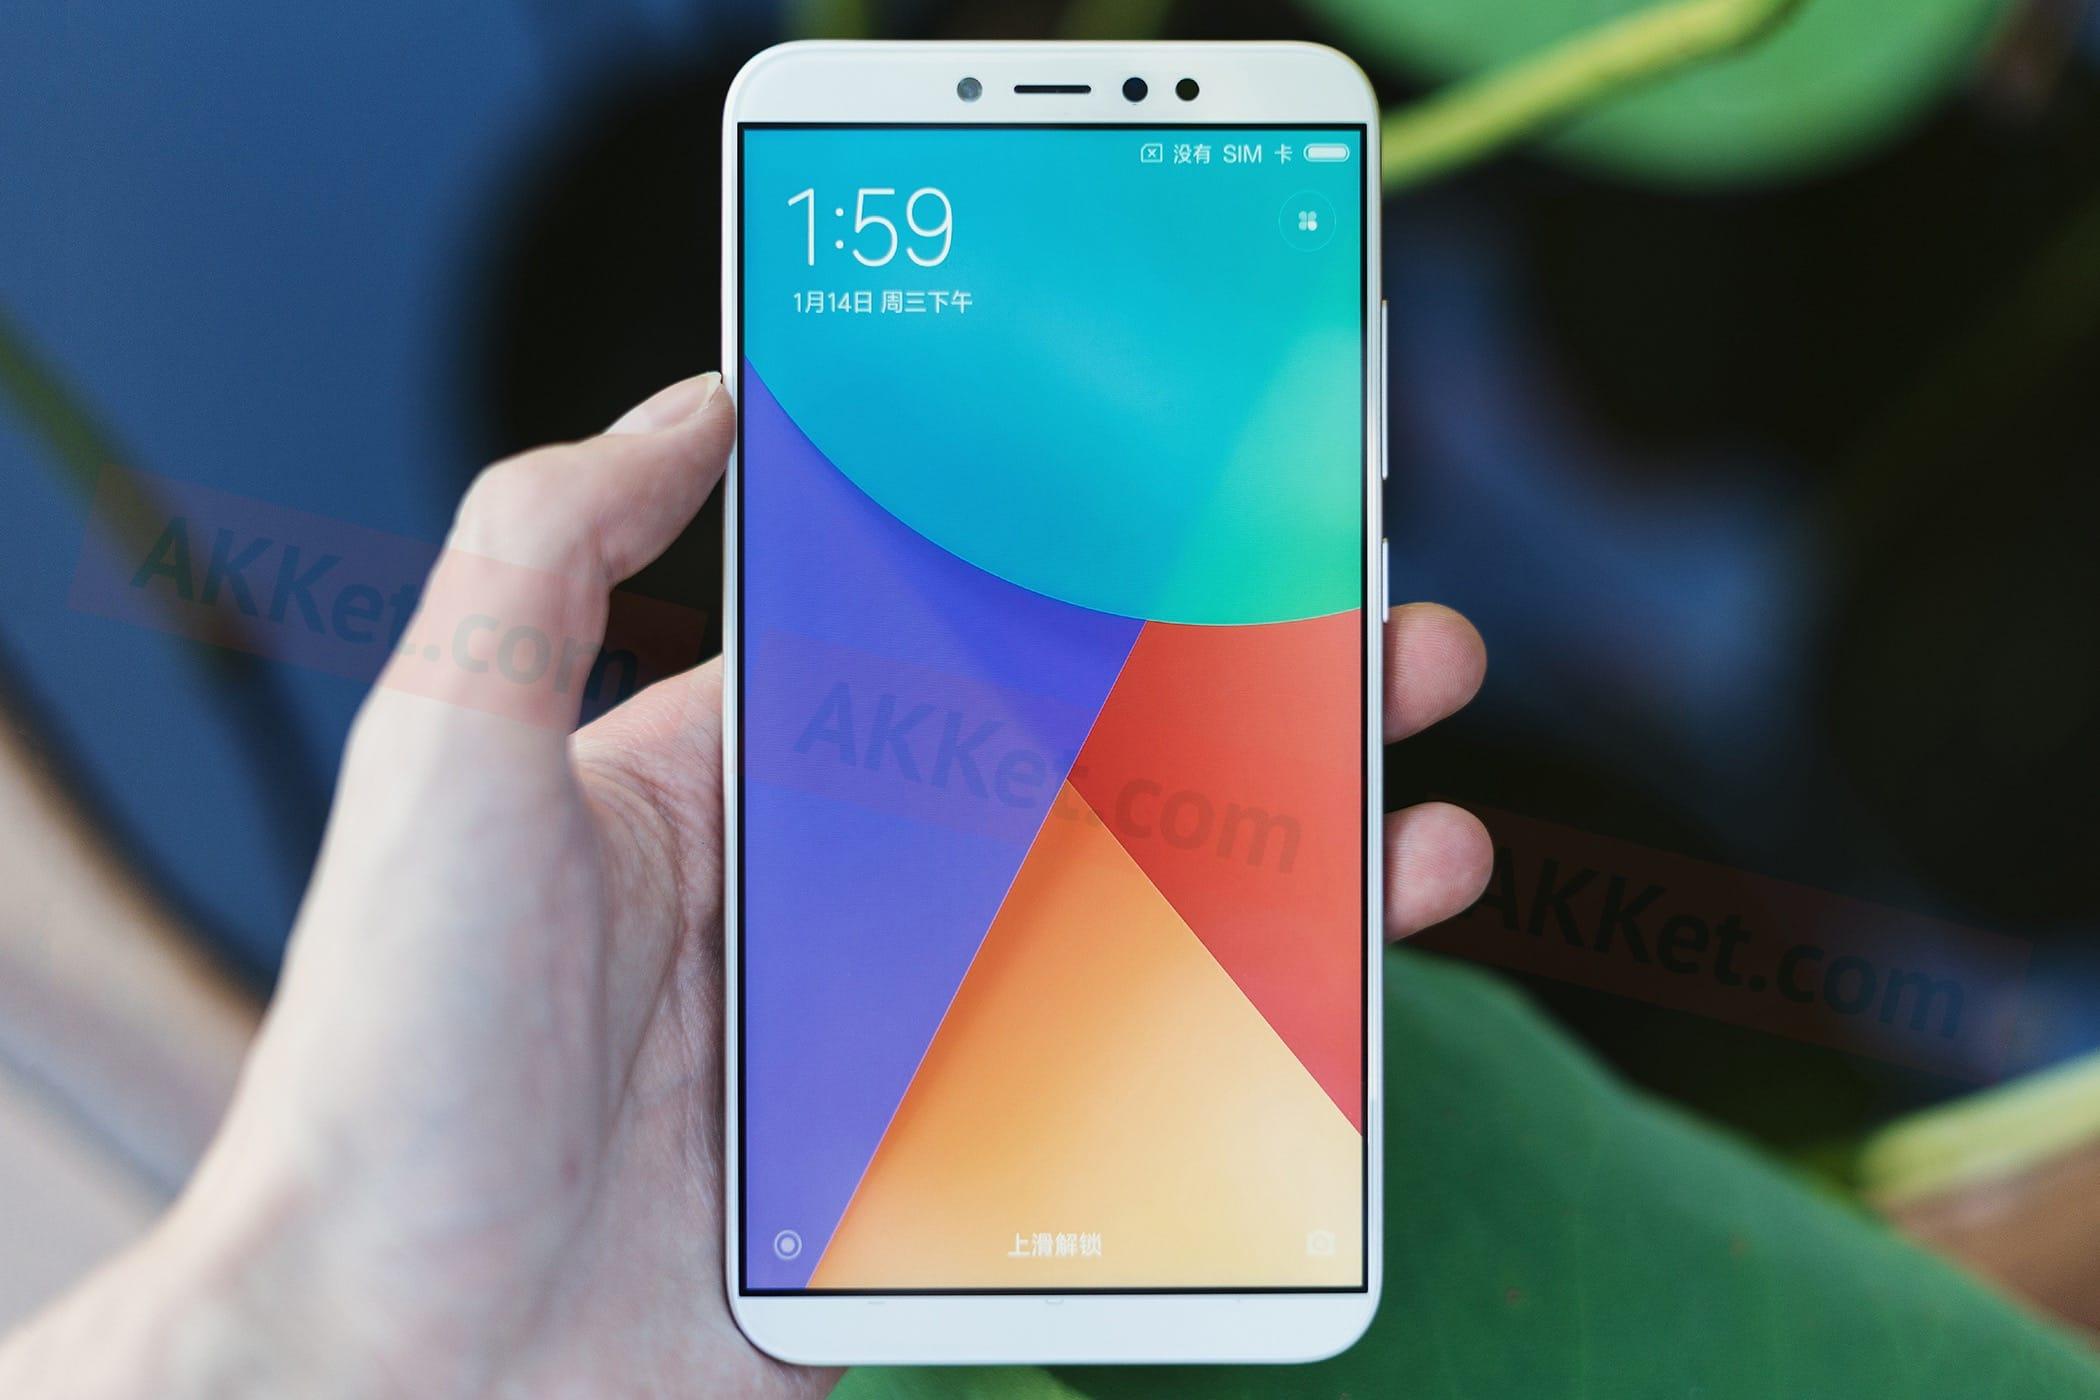 0 Потрясающий Xiaomi Redmi Note 5 на MIUI 9 показали в работающем состоянии